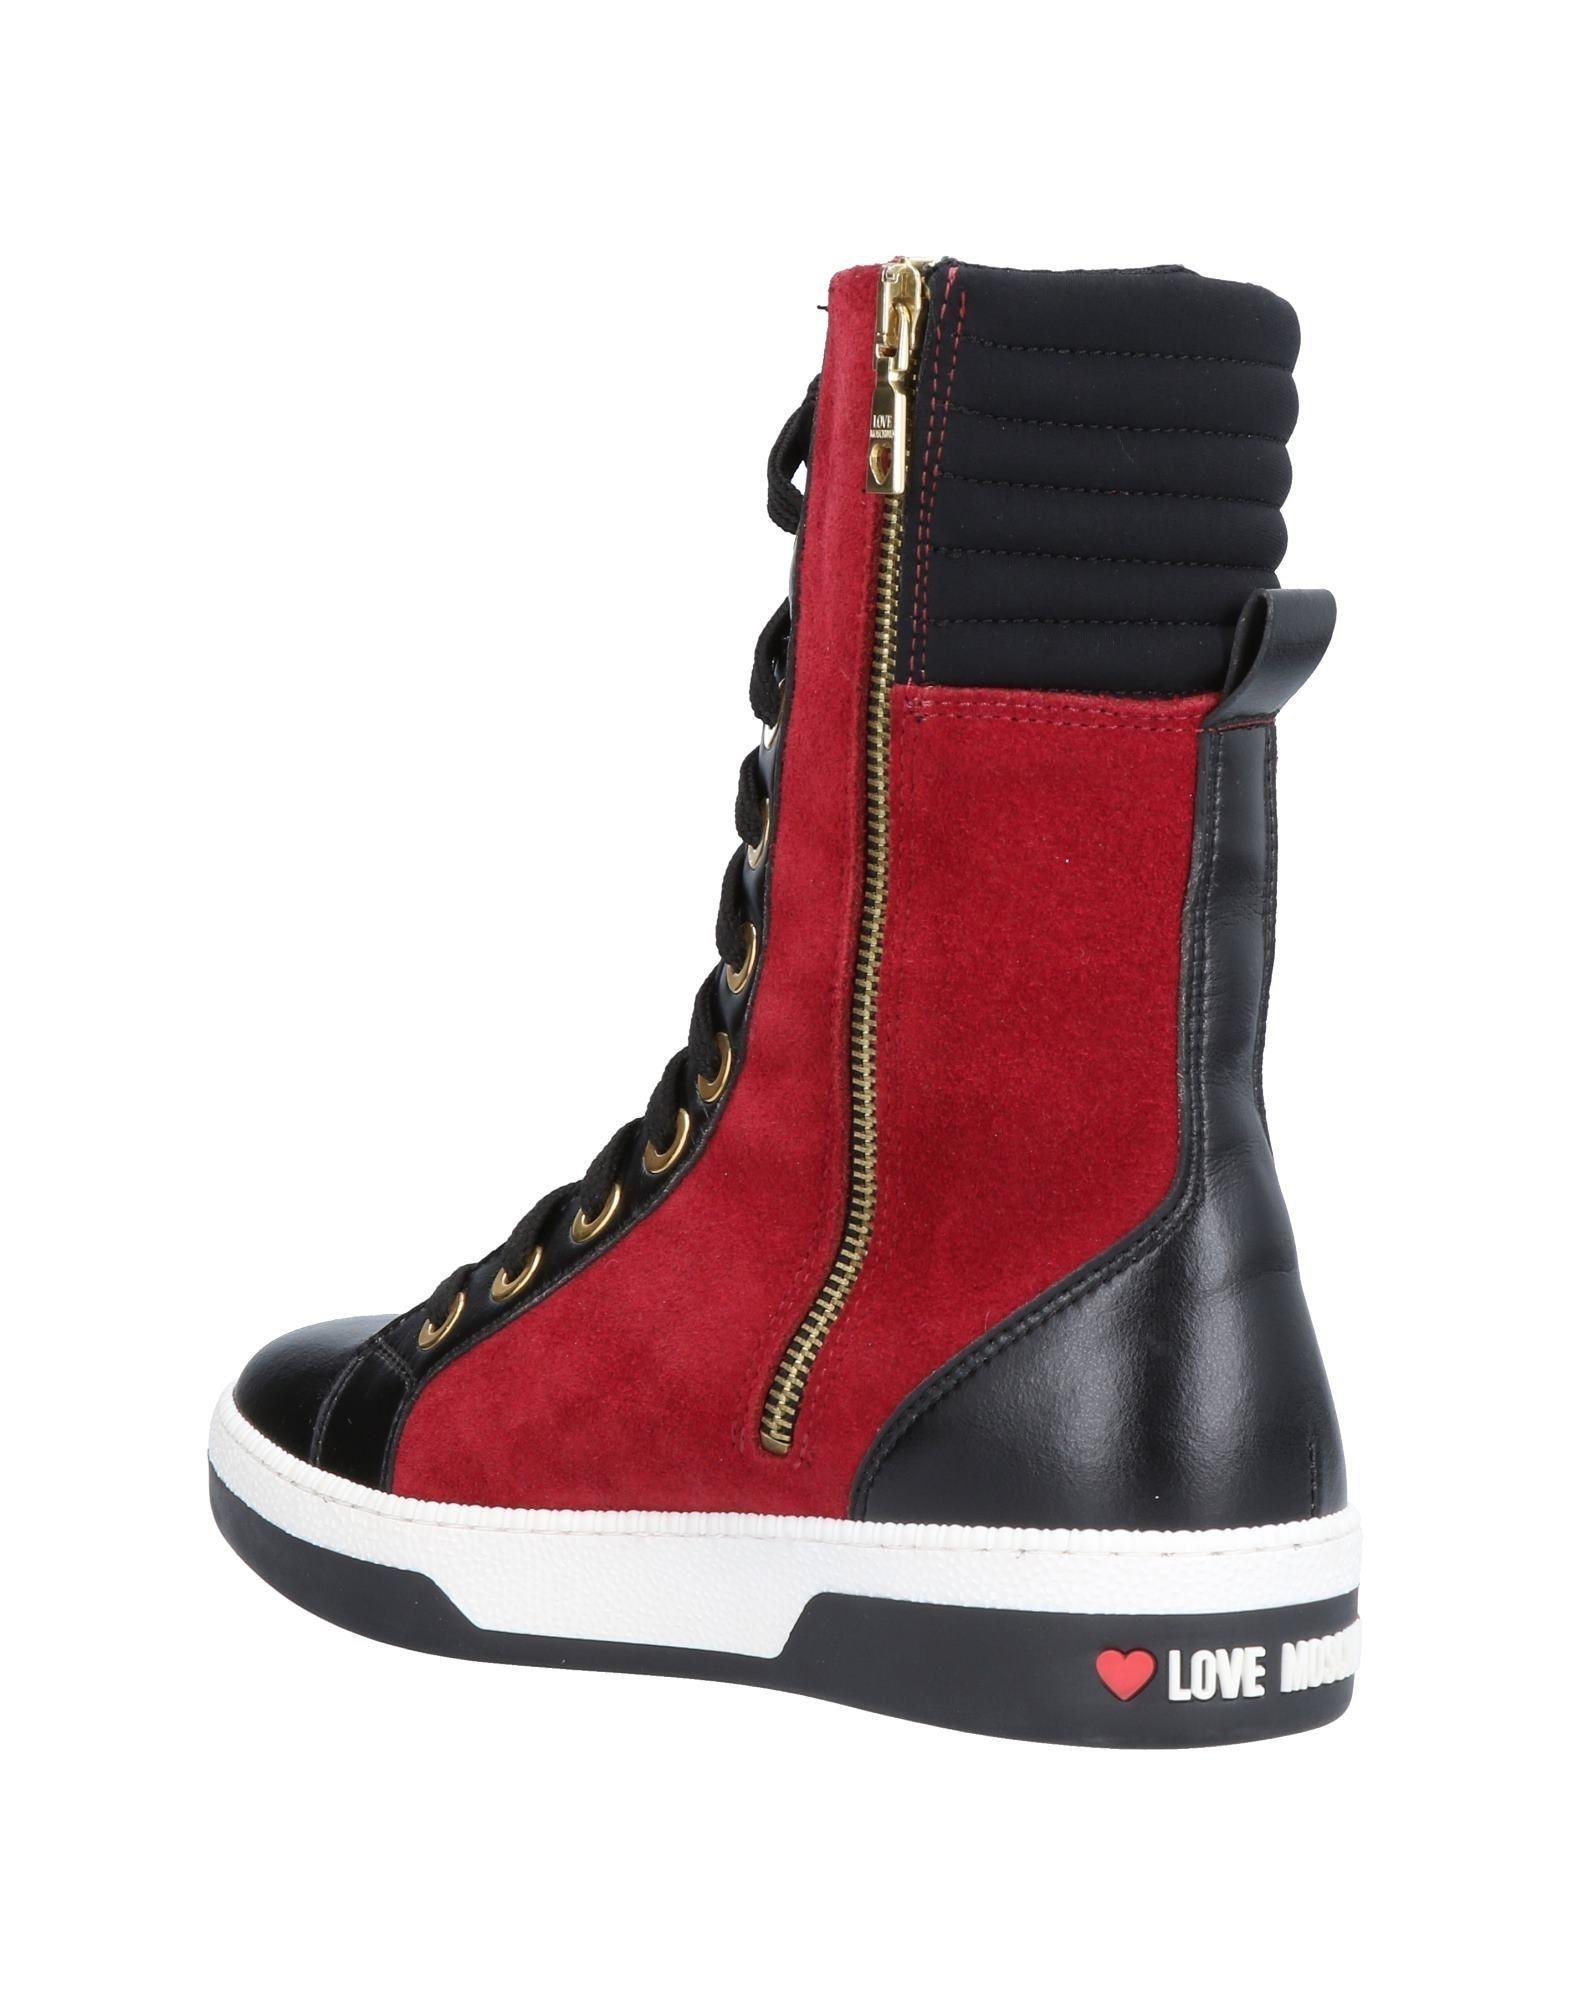 Stilvolle Moschino billige Schuhe Love Moschino Stilvolle Sneakers Damen  11495552GR 8556f6